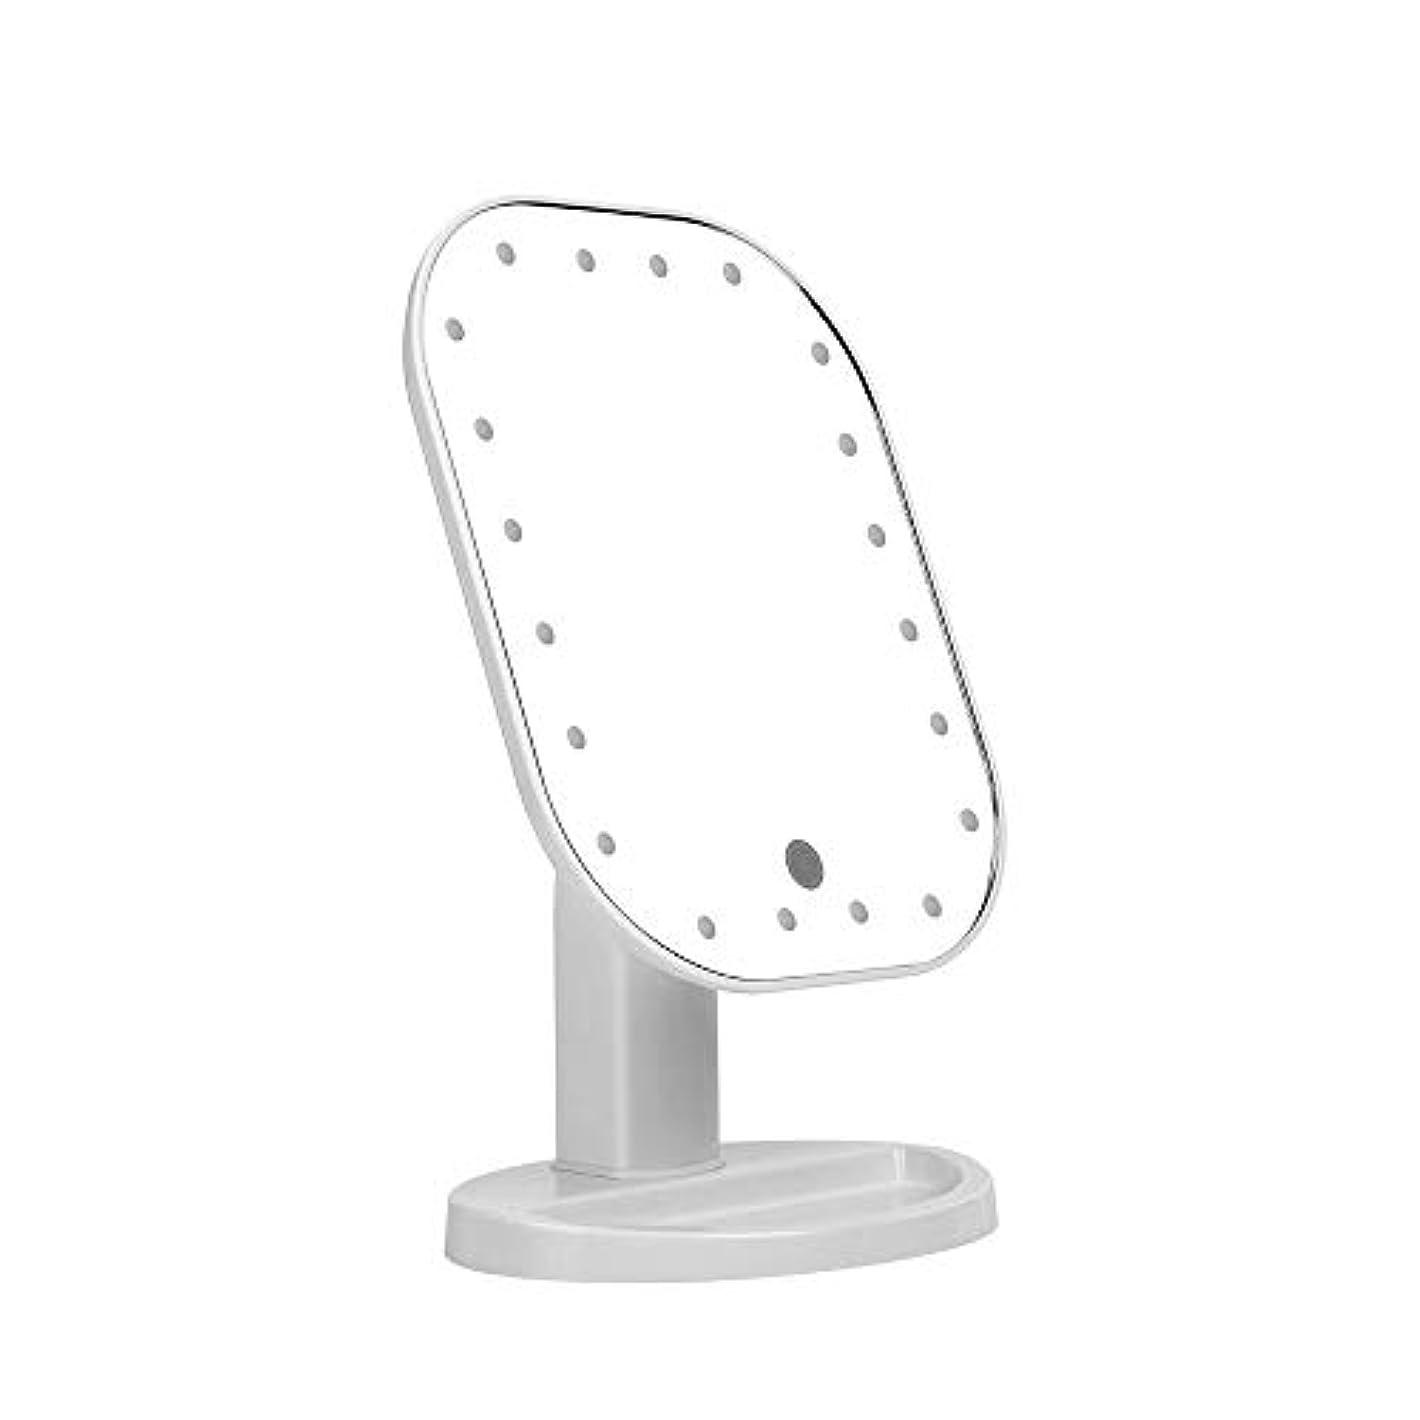 矢じり深さシェーバー卓上化粧鏡、C-Timvasion 女優 化粧鏡 20個LEDライト付き タッチパネル 明るさ調節可 角度180度調節可 単三電池給電